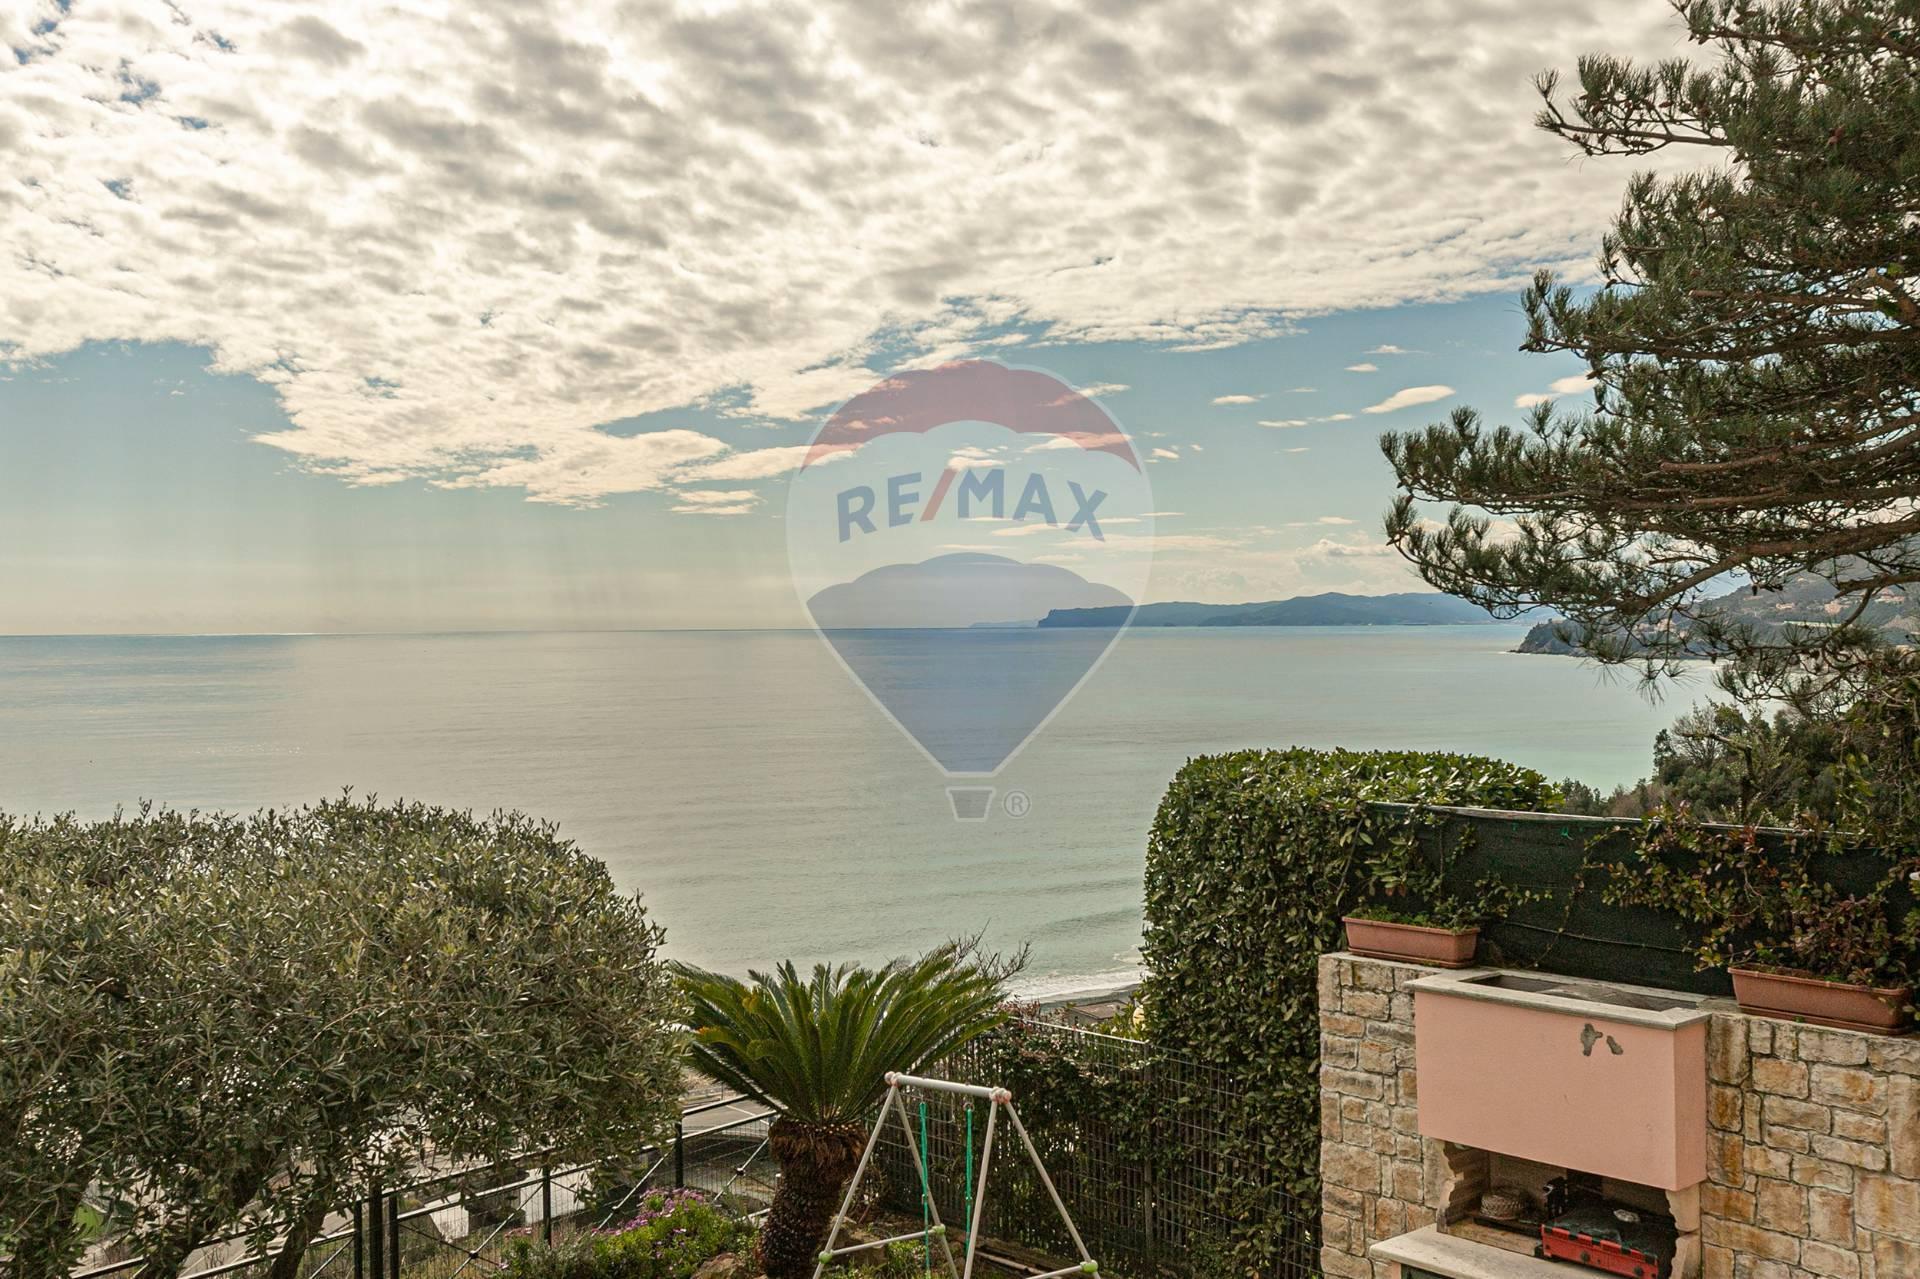 Appartamento in vendita a Arenzano, 3 locali, zona Località: PinetadiArenzano, prezzo € 150.000 | CambioCasa.it